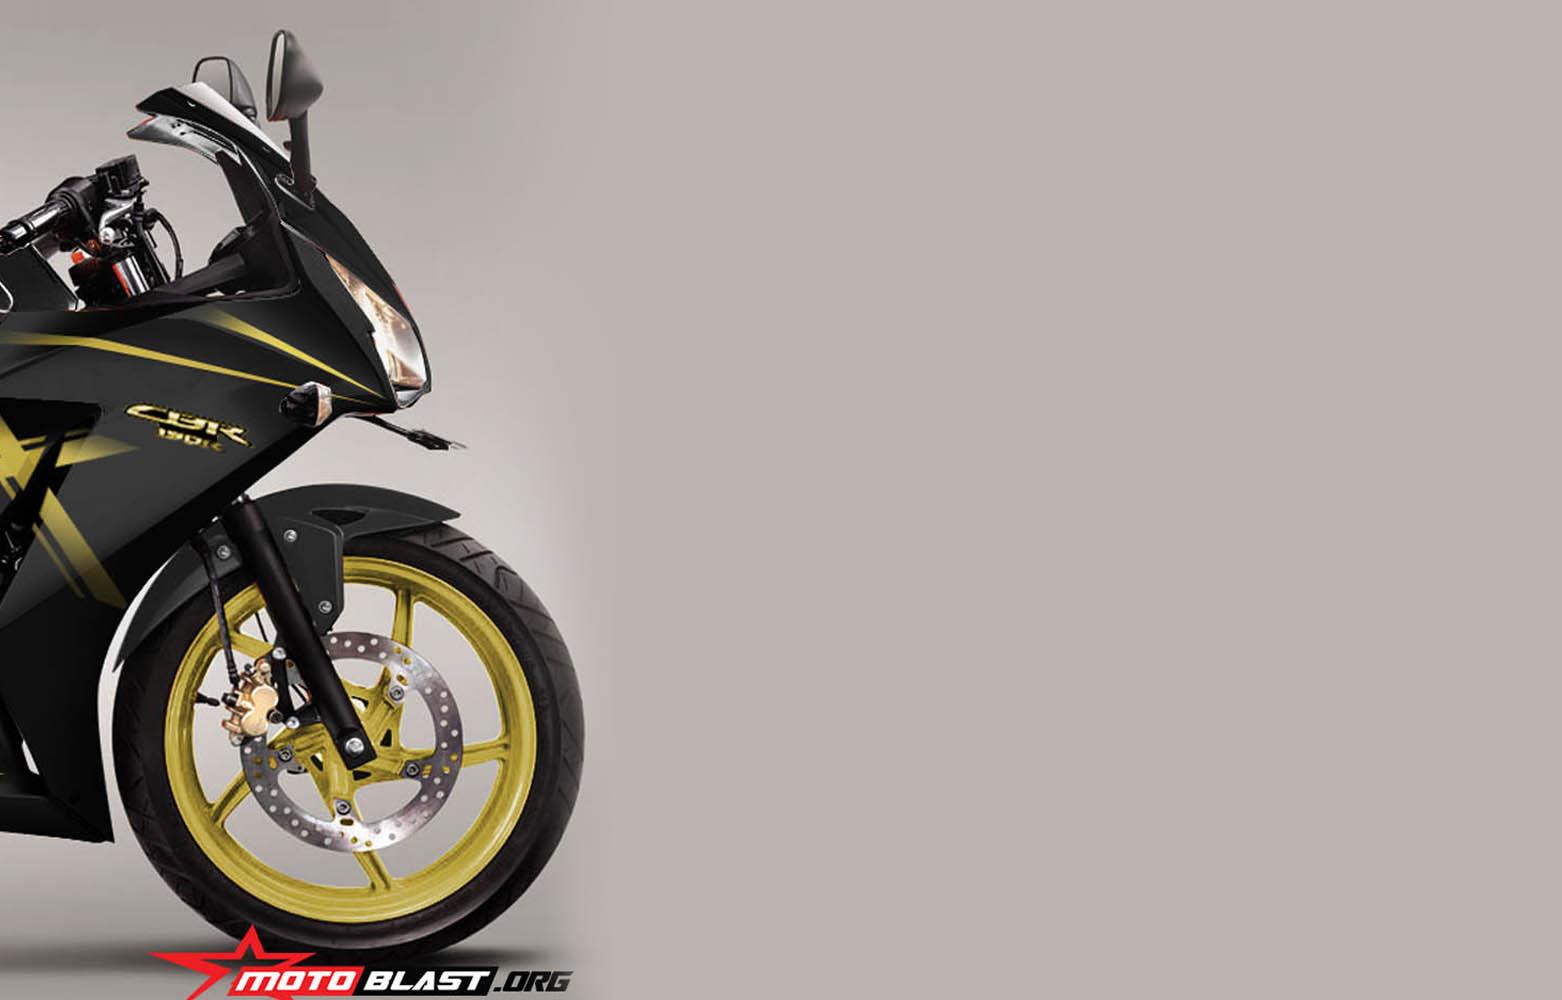 Modif Striping Honda Cbr150r K45 Black Doff Special